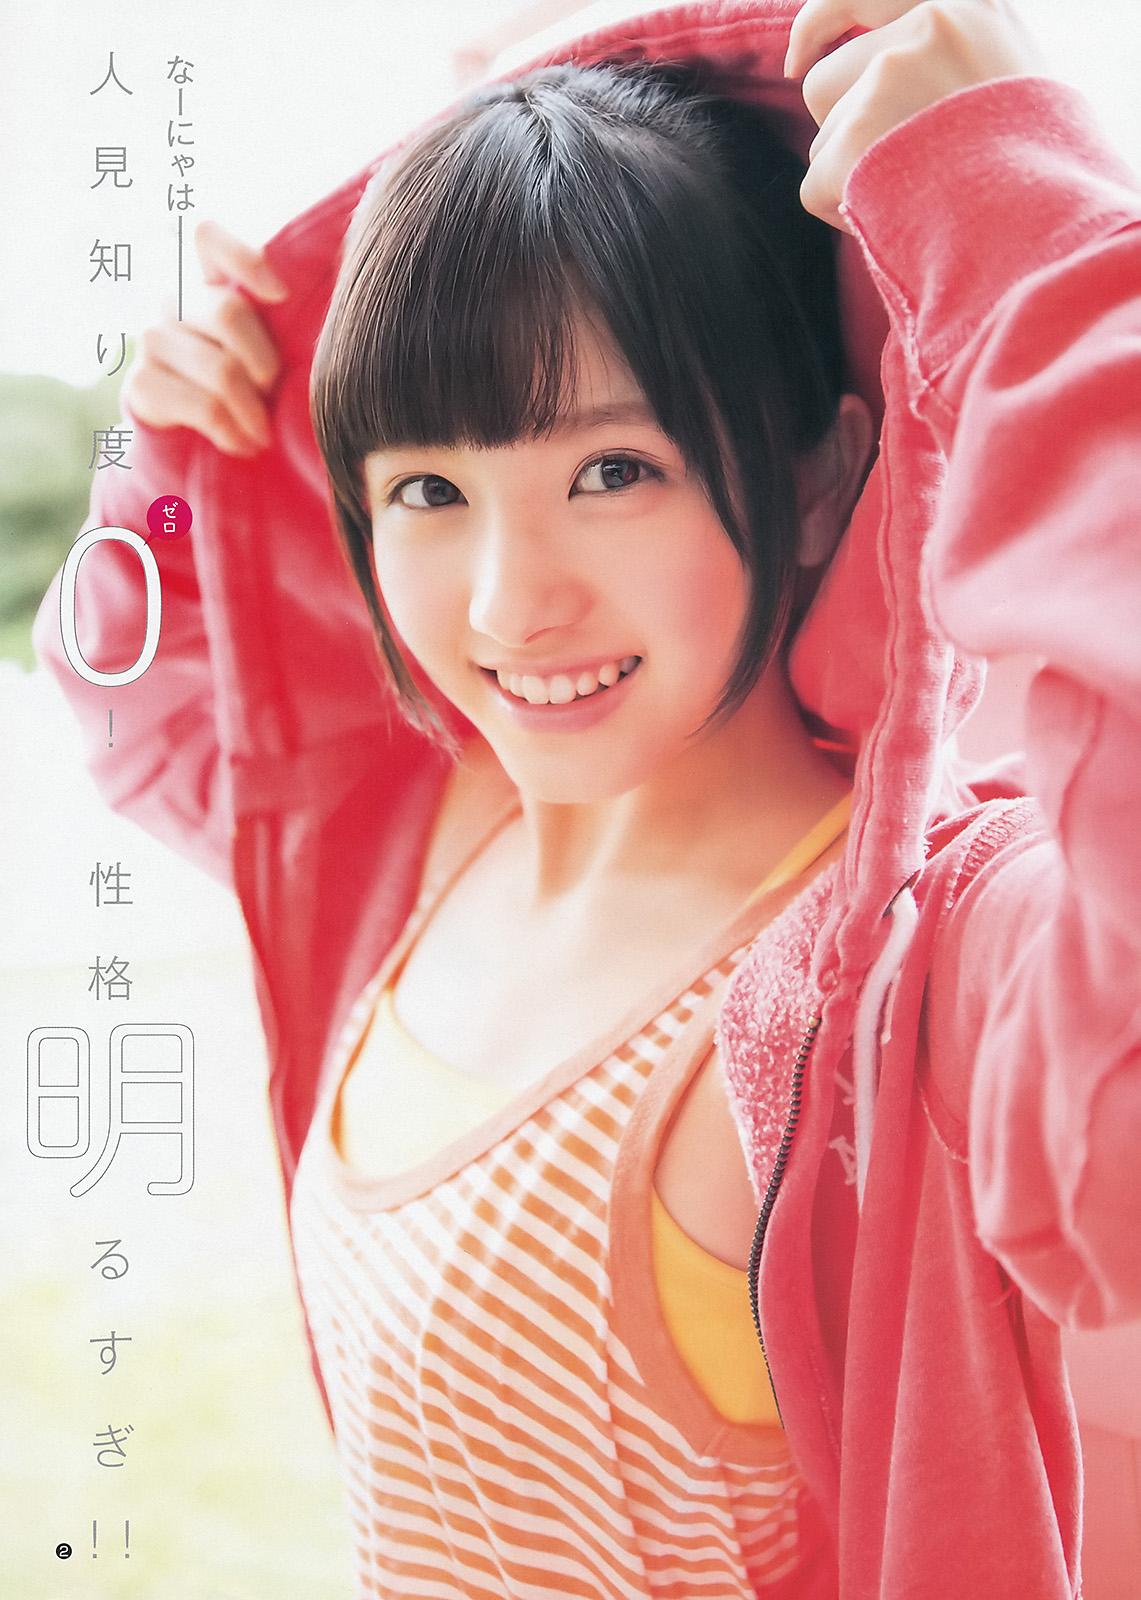 大和田南那の画像 p1_9